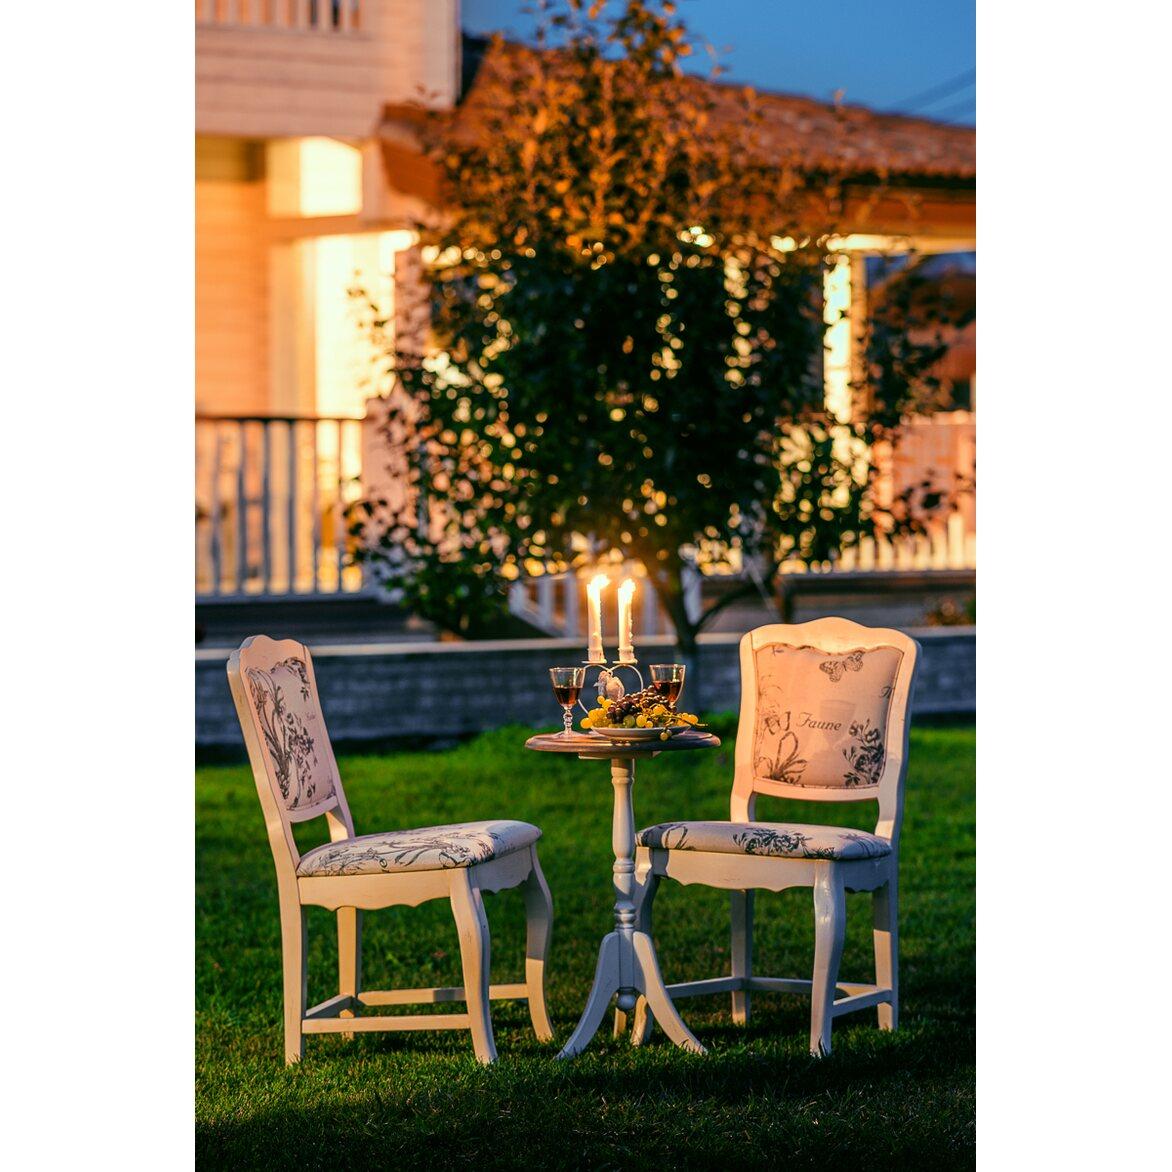 Кофейный столик (круглый) Leontina, бежевого цвета 5 | Кофейные столики Kingsby